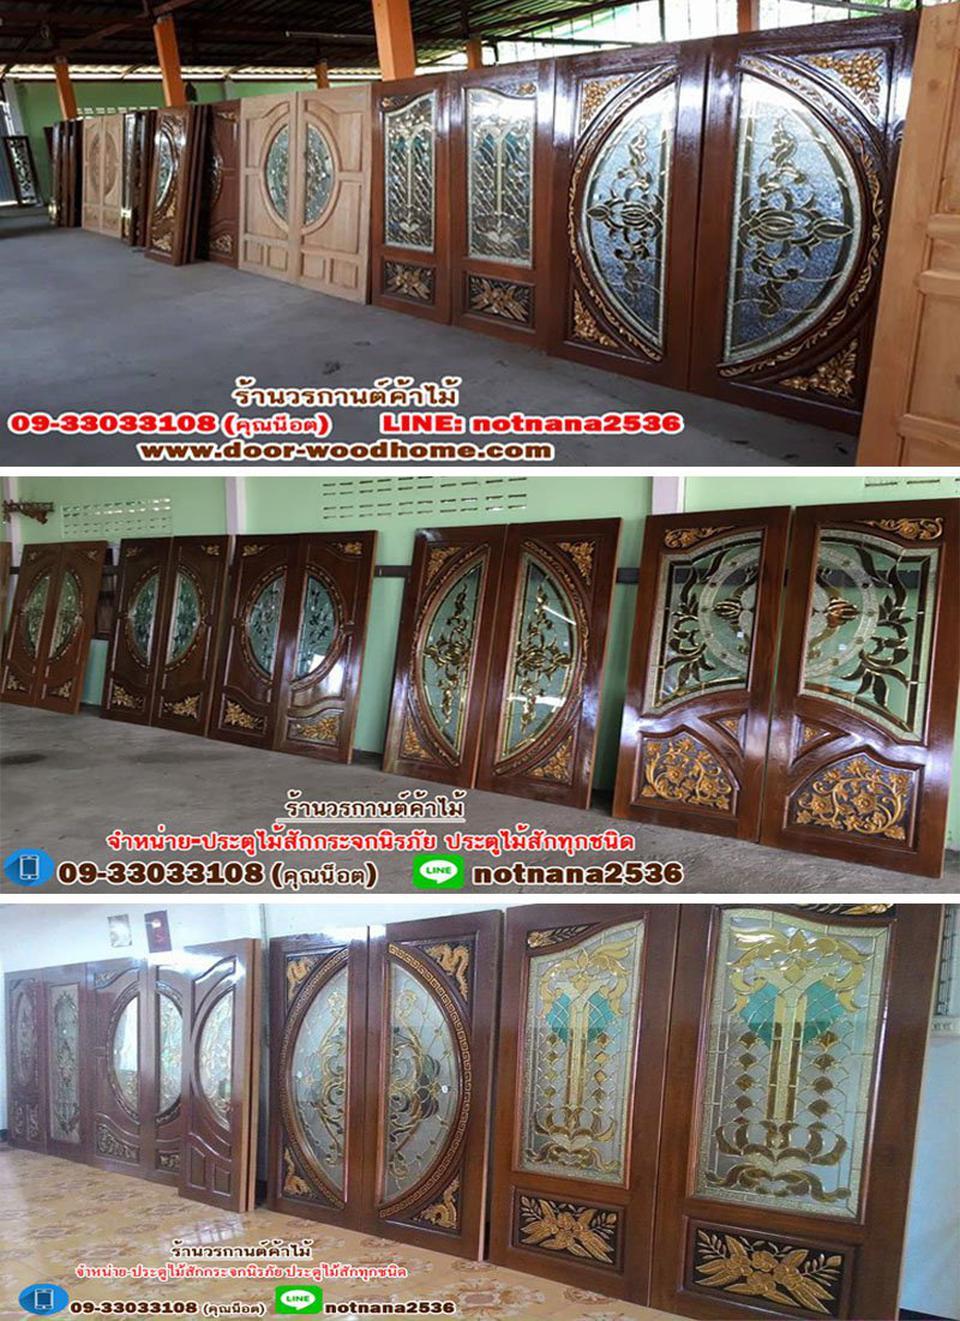 door-woodhome.com ประตูไม้สักกระจกนิรภัย,ประตูไม้สักโมเดิร์น, ประตูไม้สักบานเลื่อน, ประตูหน้าต่างไม้สัก รูปที่ 5